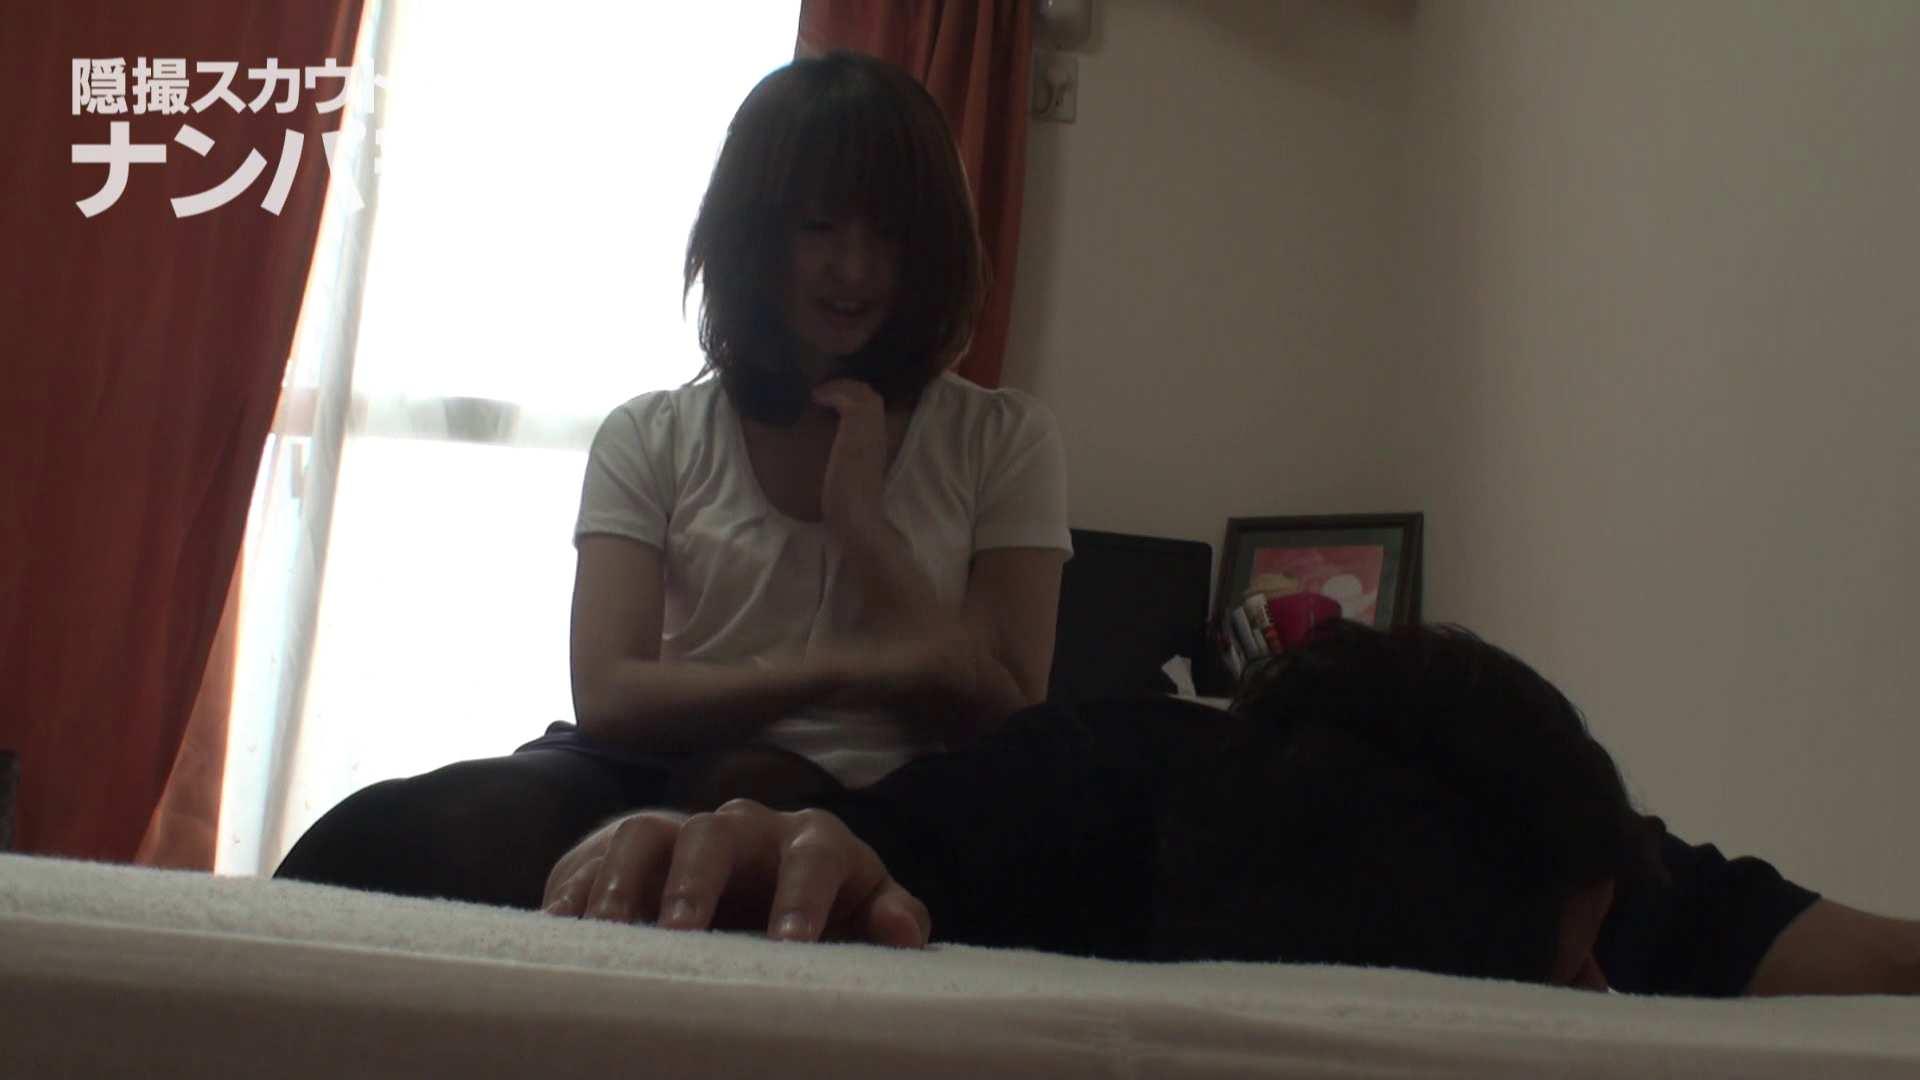 隠撮スカウトマンのナンパ部屋~風俗デビュー前のつまみ食い~ siivol.2 ナンパ  80pic 15